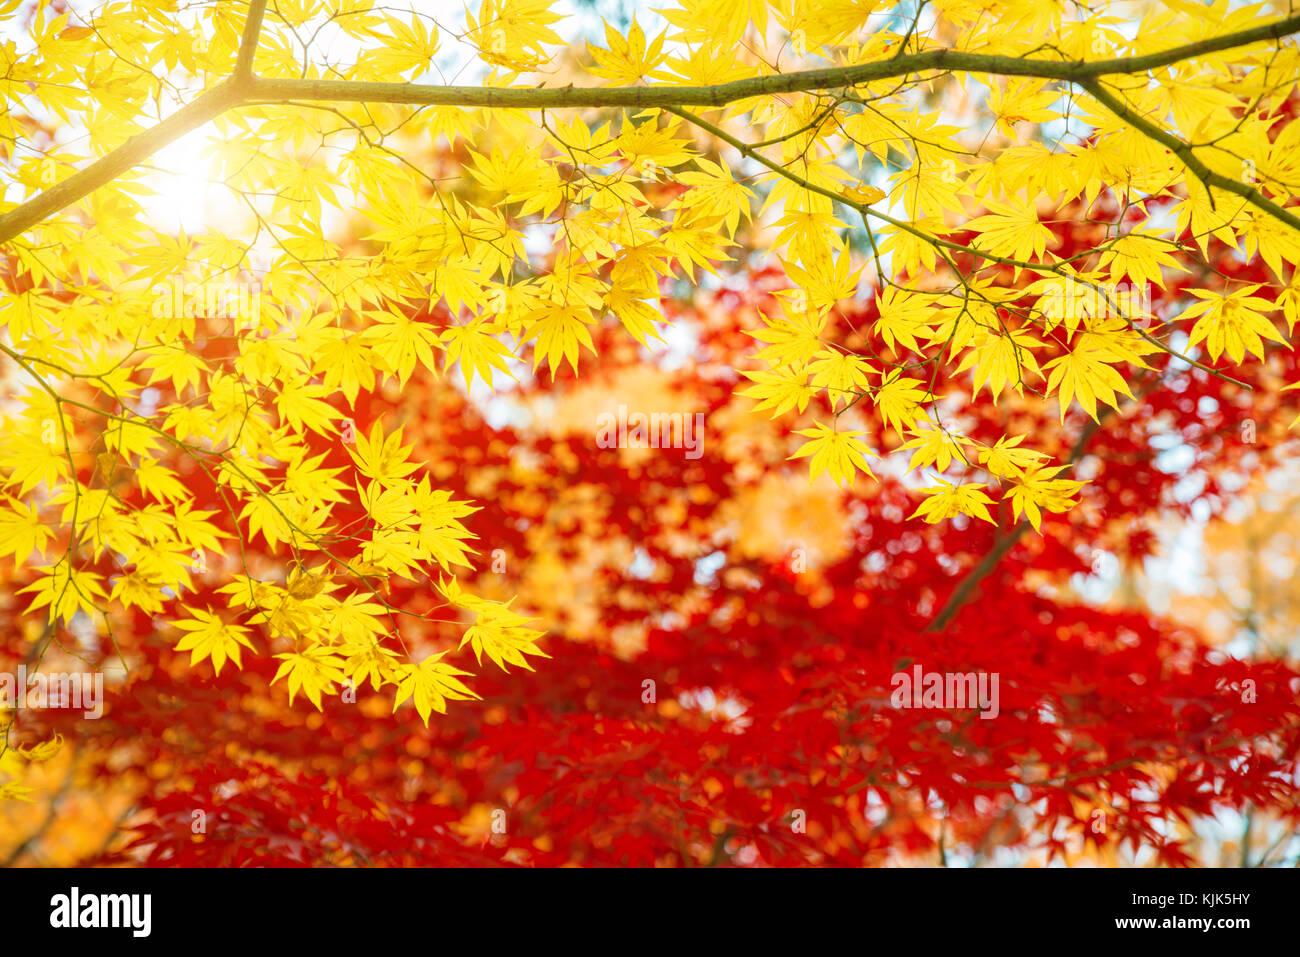 Hojas de arce rojo y amarillo en la temporada de otoño con el cielo azul de fondo borroso, tomadas desde Japón. Imagen De Stock